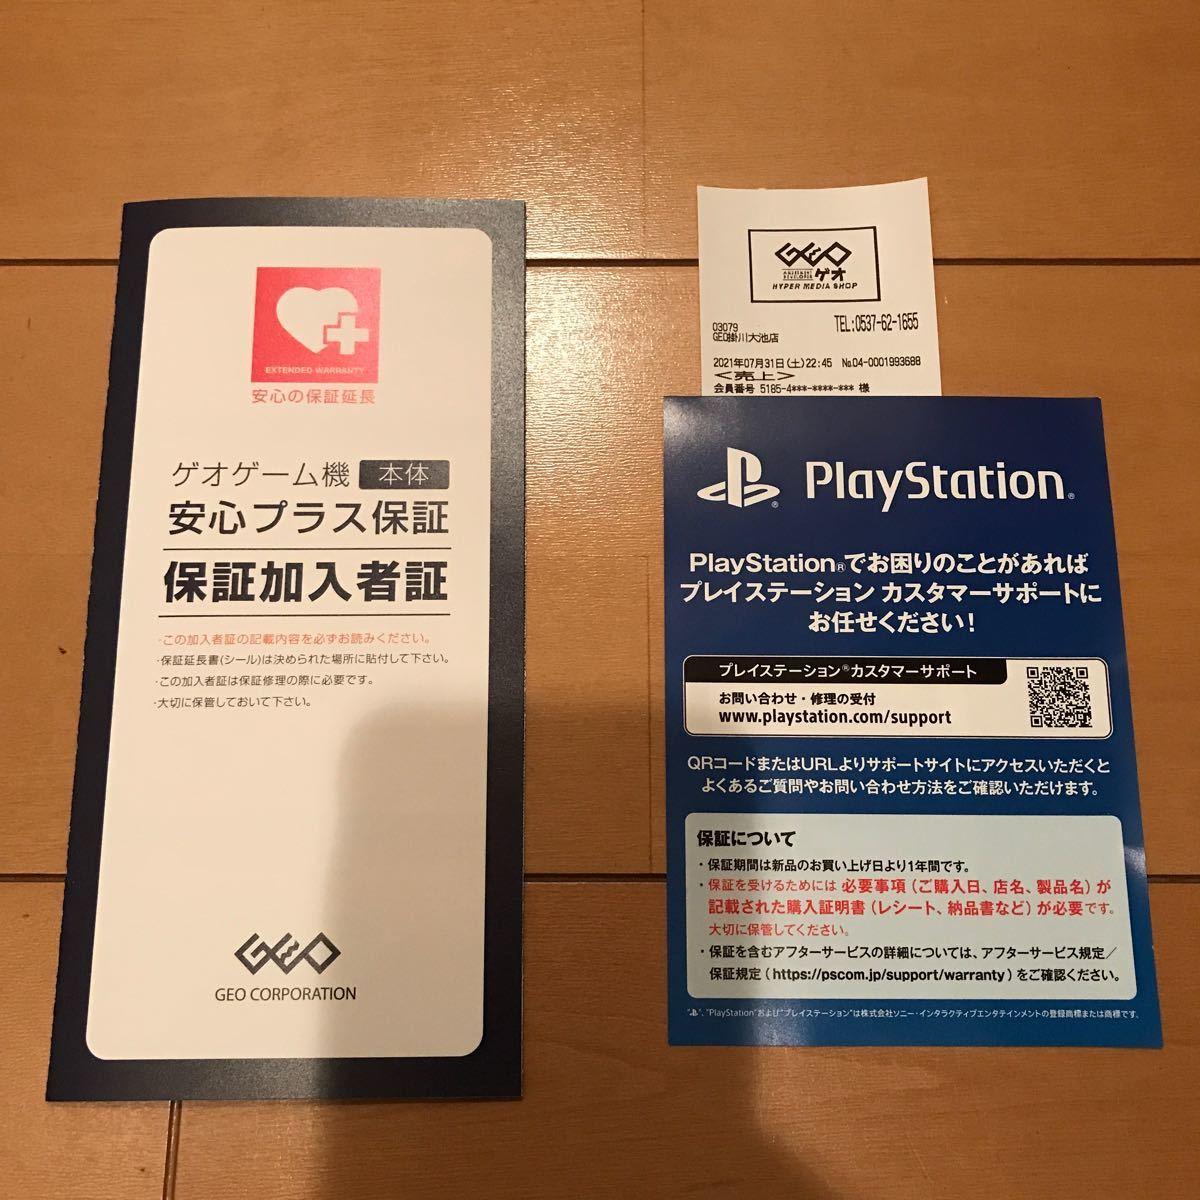 SONY ソニー PS5 本体 未使用 ディスク版 延長保証加入済み CFI-1000A 01